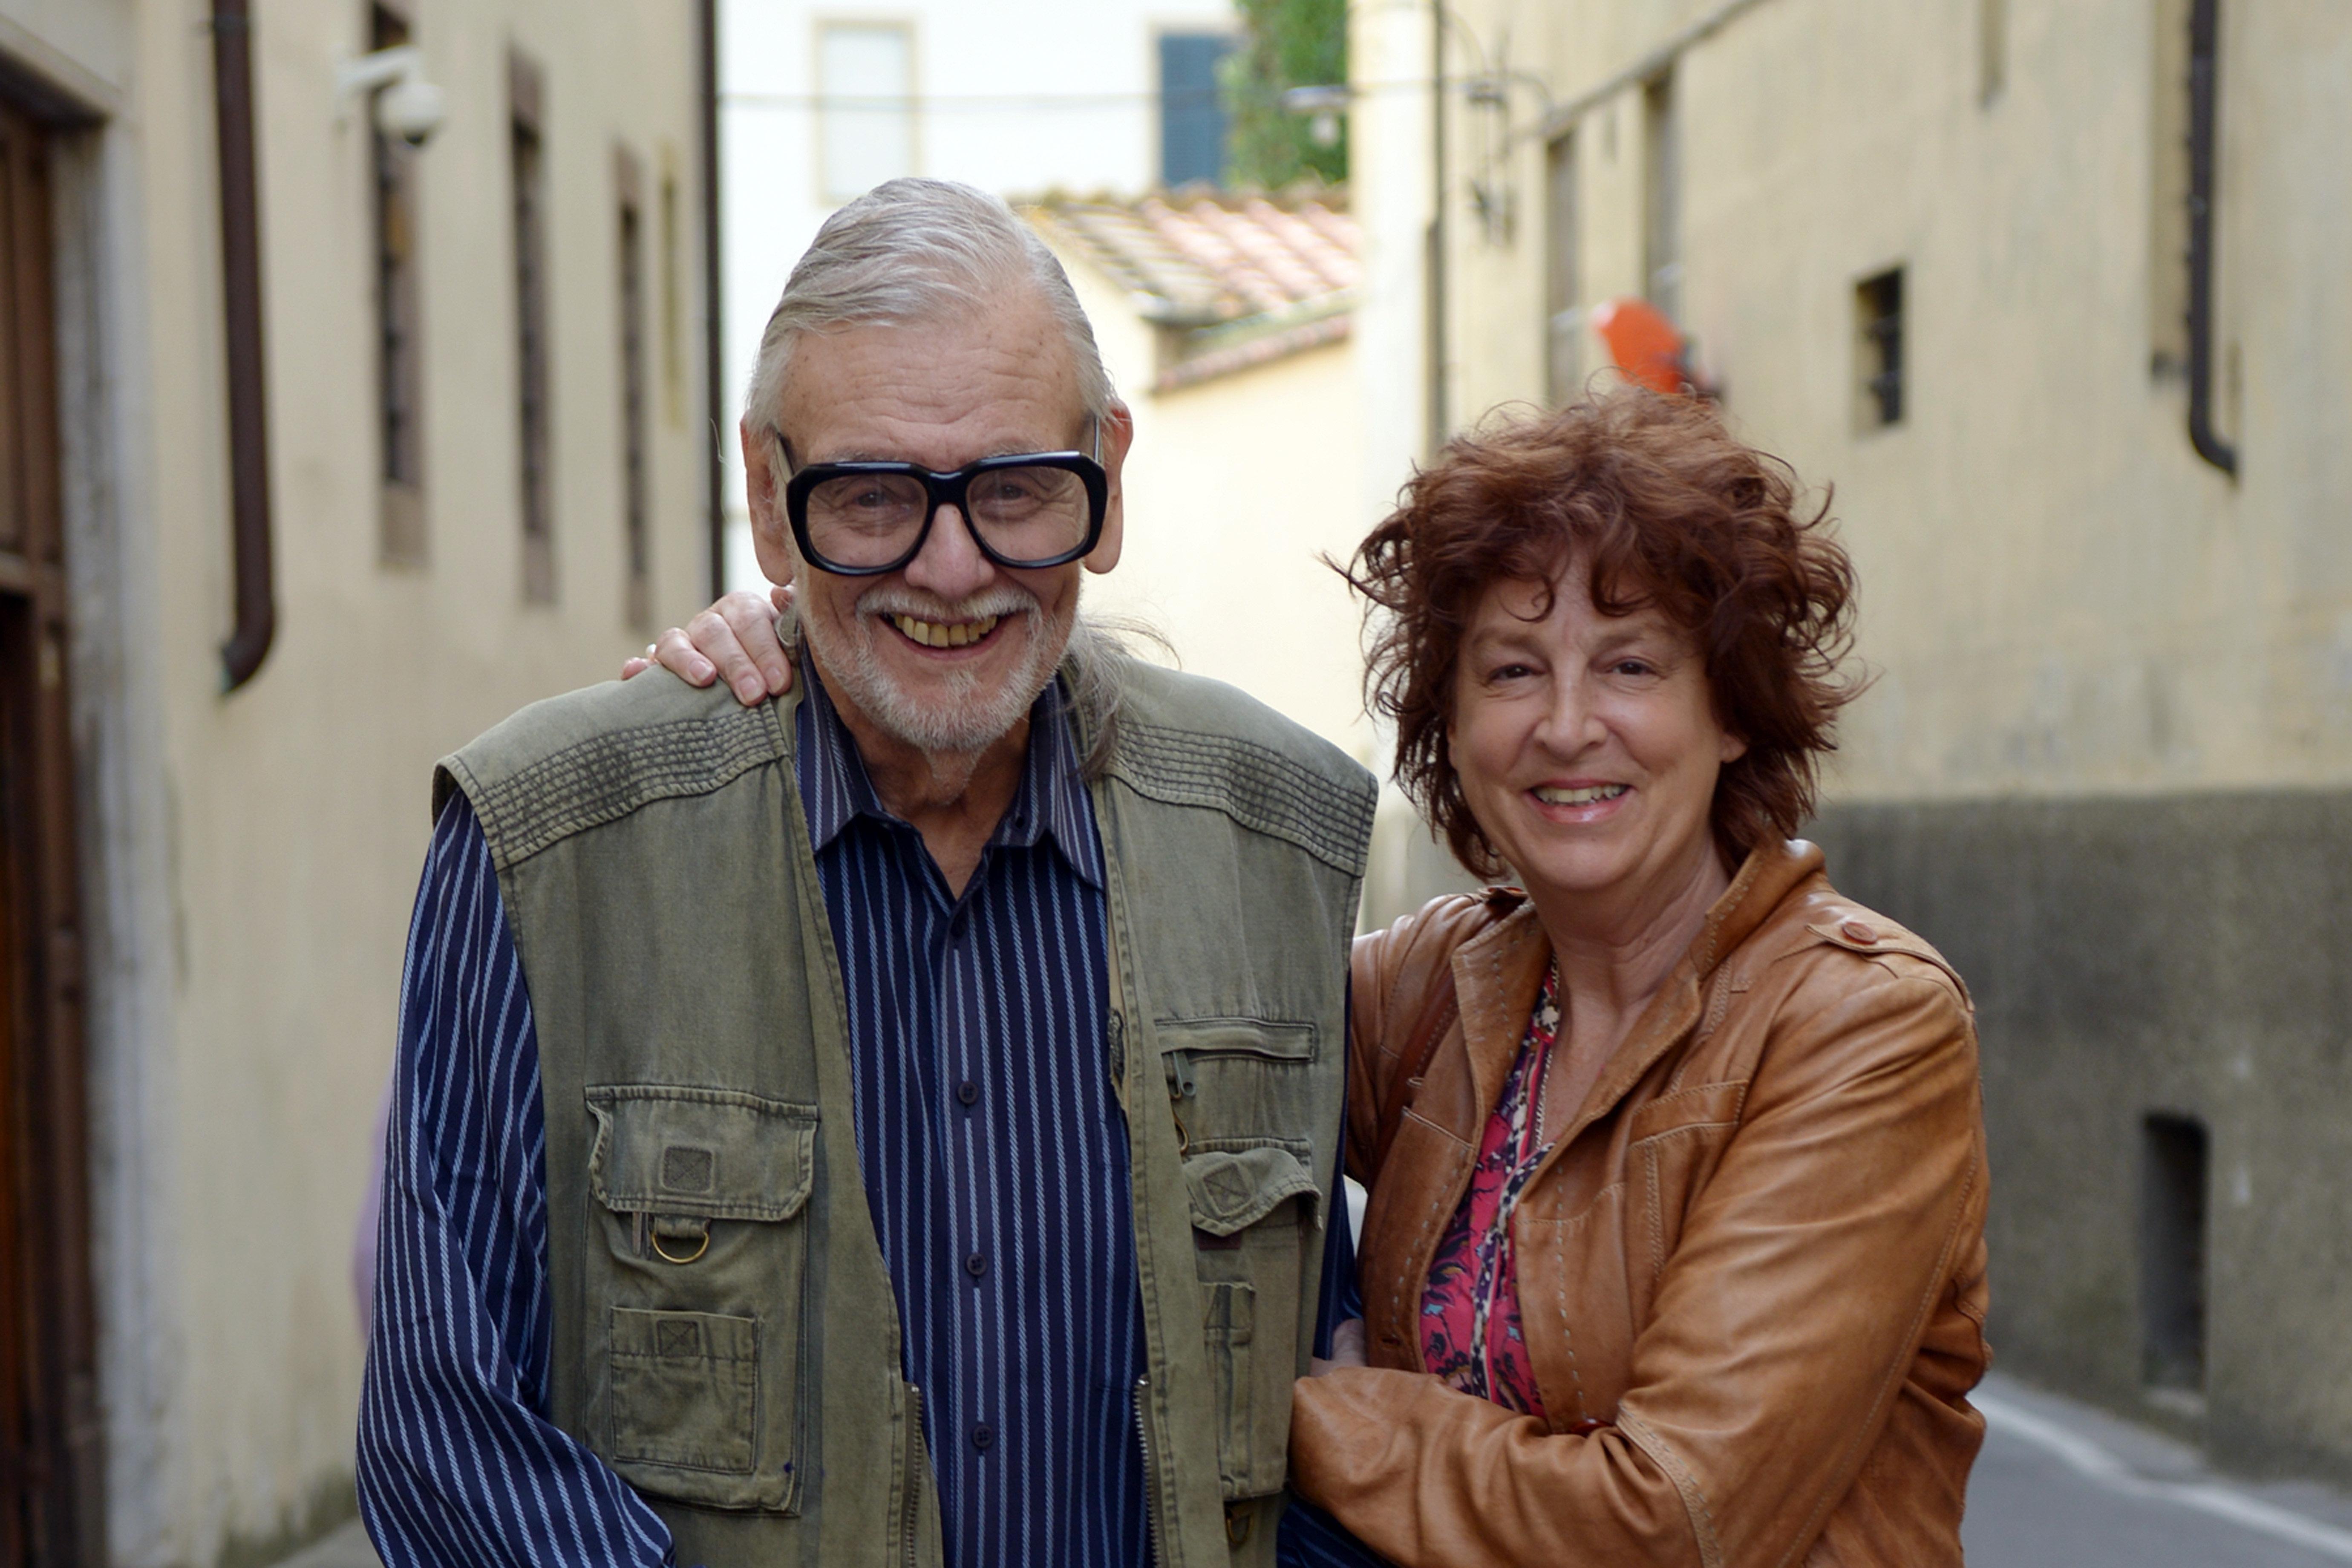 George Romero and Suzanne Desrocher-Romero at the Lucca Film Festival in Italy on April 7, 2016.